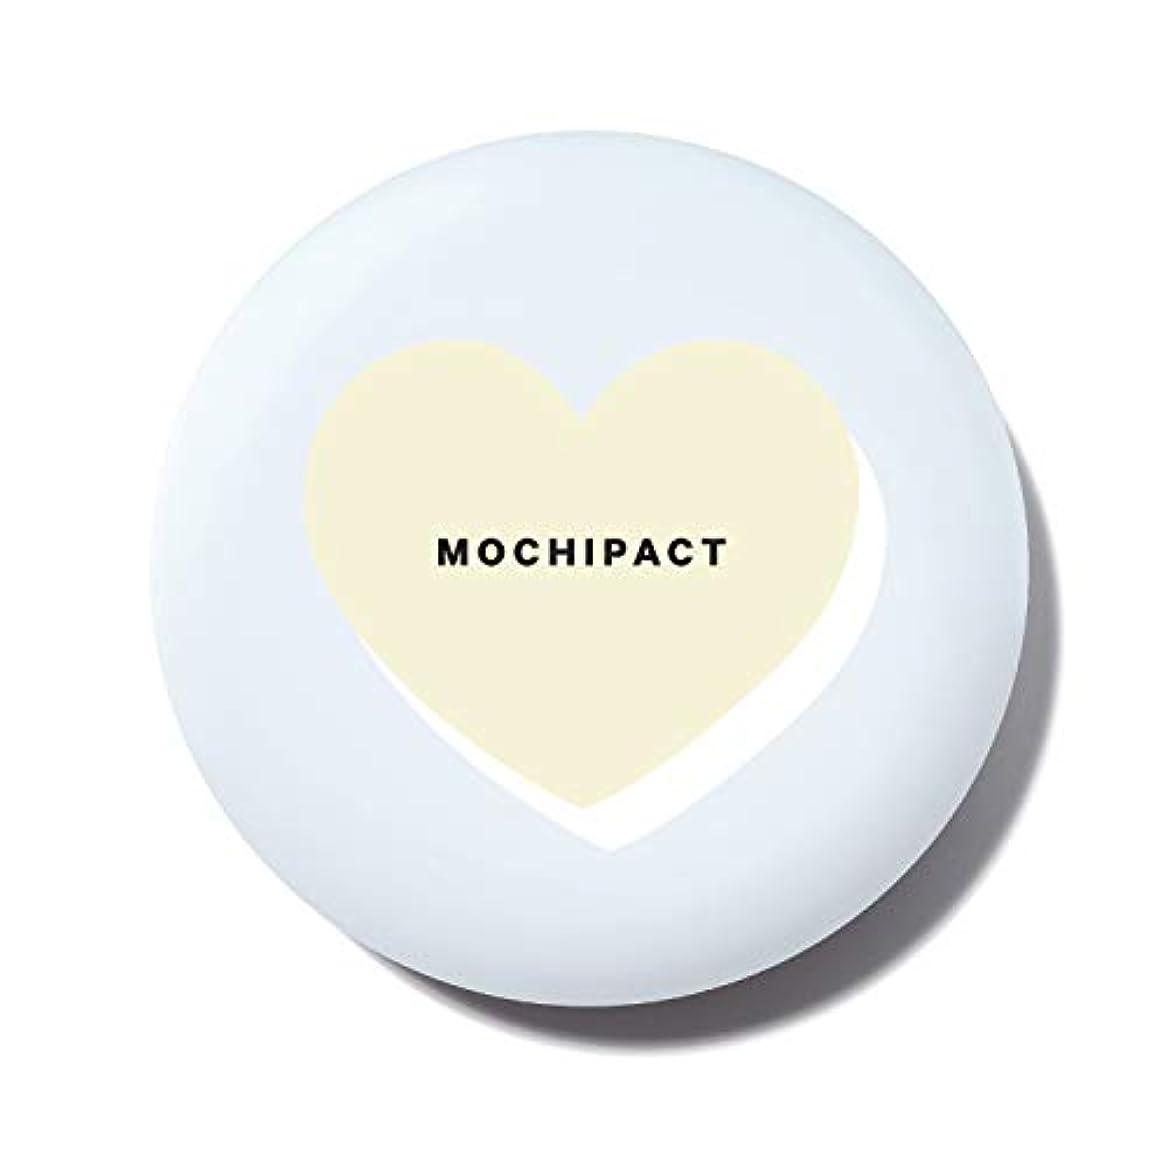 休日バイバイクリエイティブ16brand(シックスティーンブランド) 16MOCHI PACT (モチパクト) ピーチライト (PEACH LIGHT) (9g)